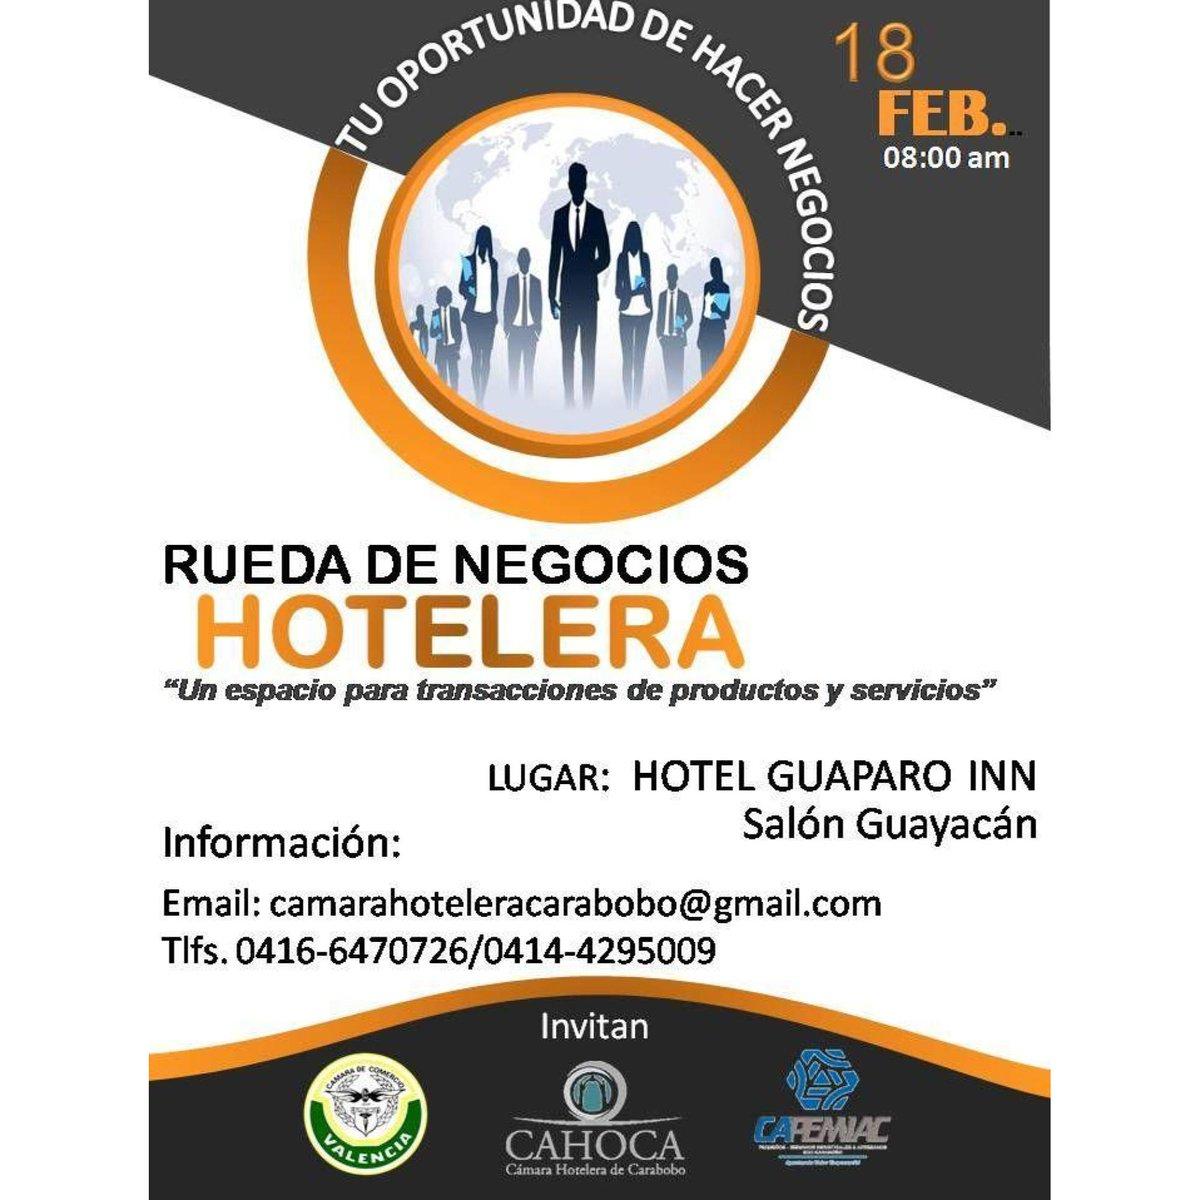 """El Hotel Emperador de invita a la """"Rueda de Negocios Hotelera""""  es tu oportunidad de hacer negocios... . Para el #18Feb desde las 8:00 AM en el Hotel Guaparo Inn - Salón Guayacán. . Inf: 0416-6470726 / 0414-4295009 ... #hotelemperadorv #eventos #valenciavzla #carabobo #venezuelapic.twitter.com/fHA9p74K4F"""